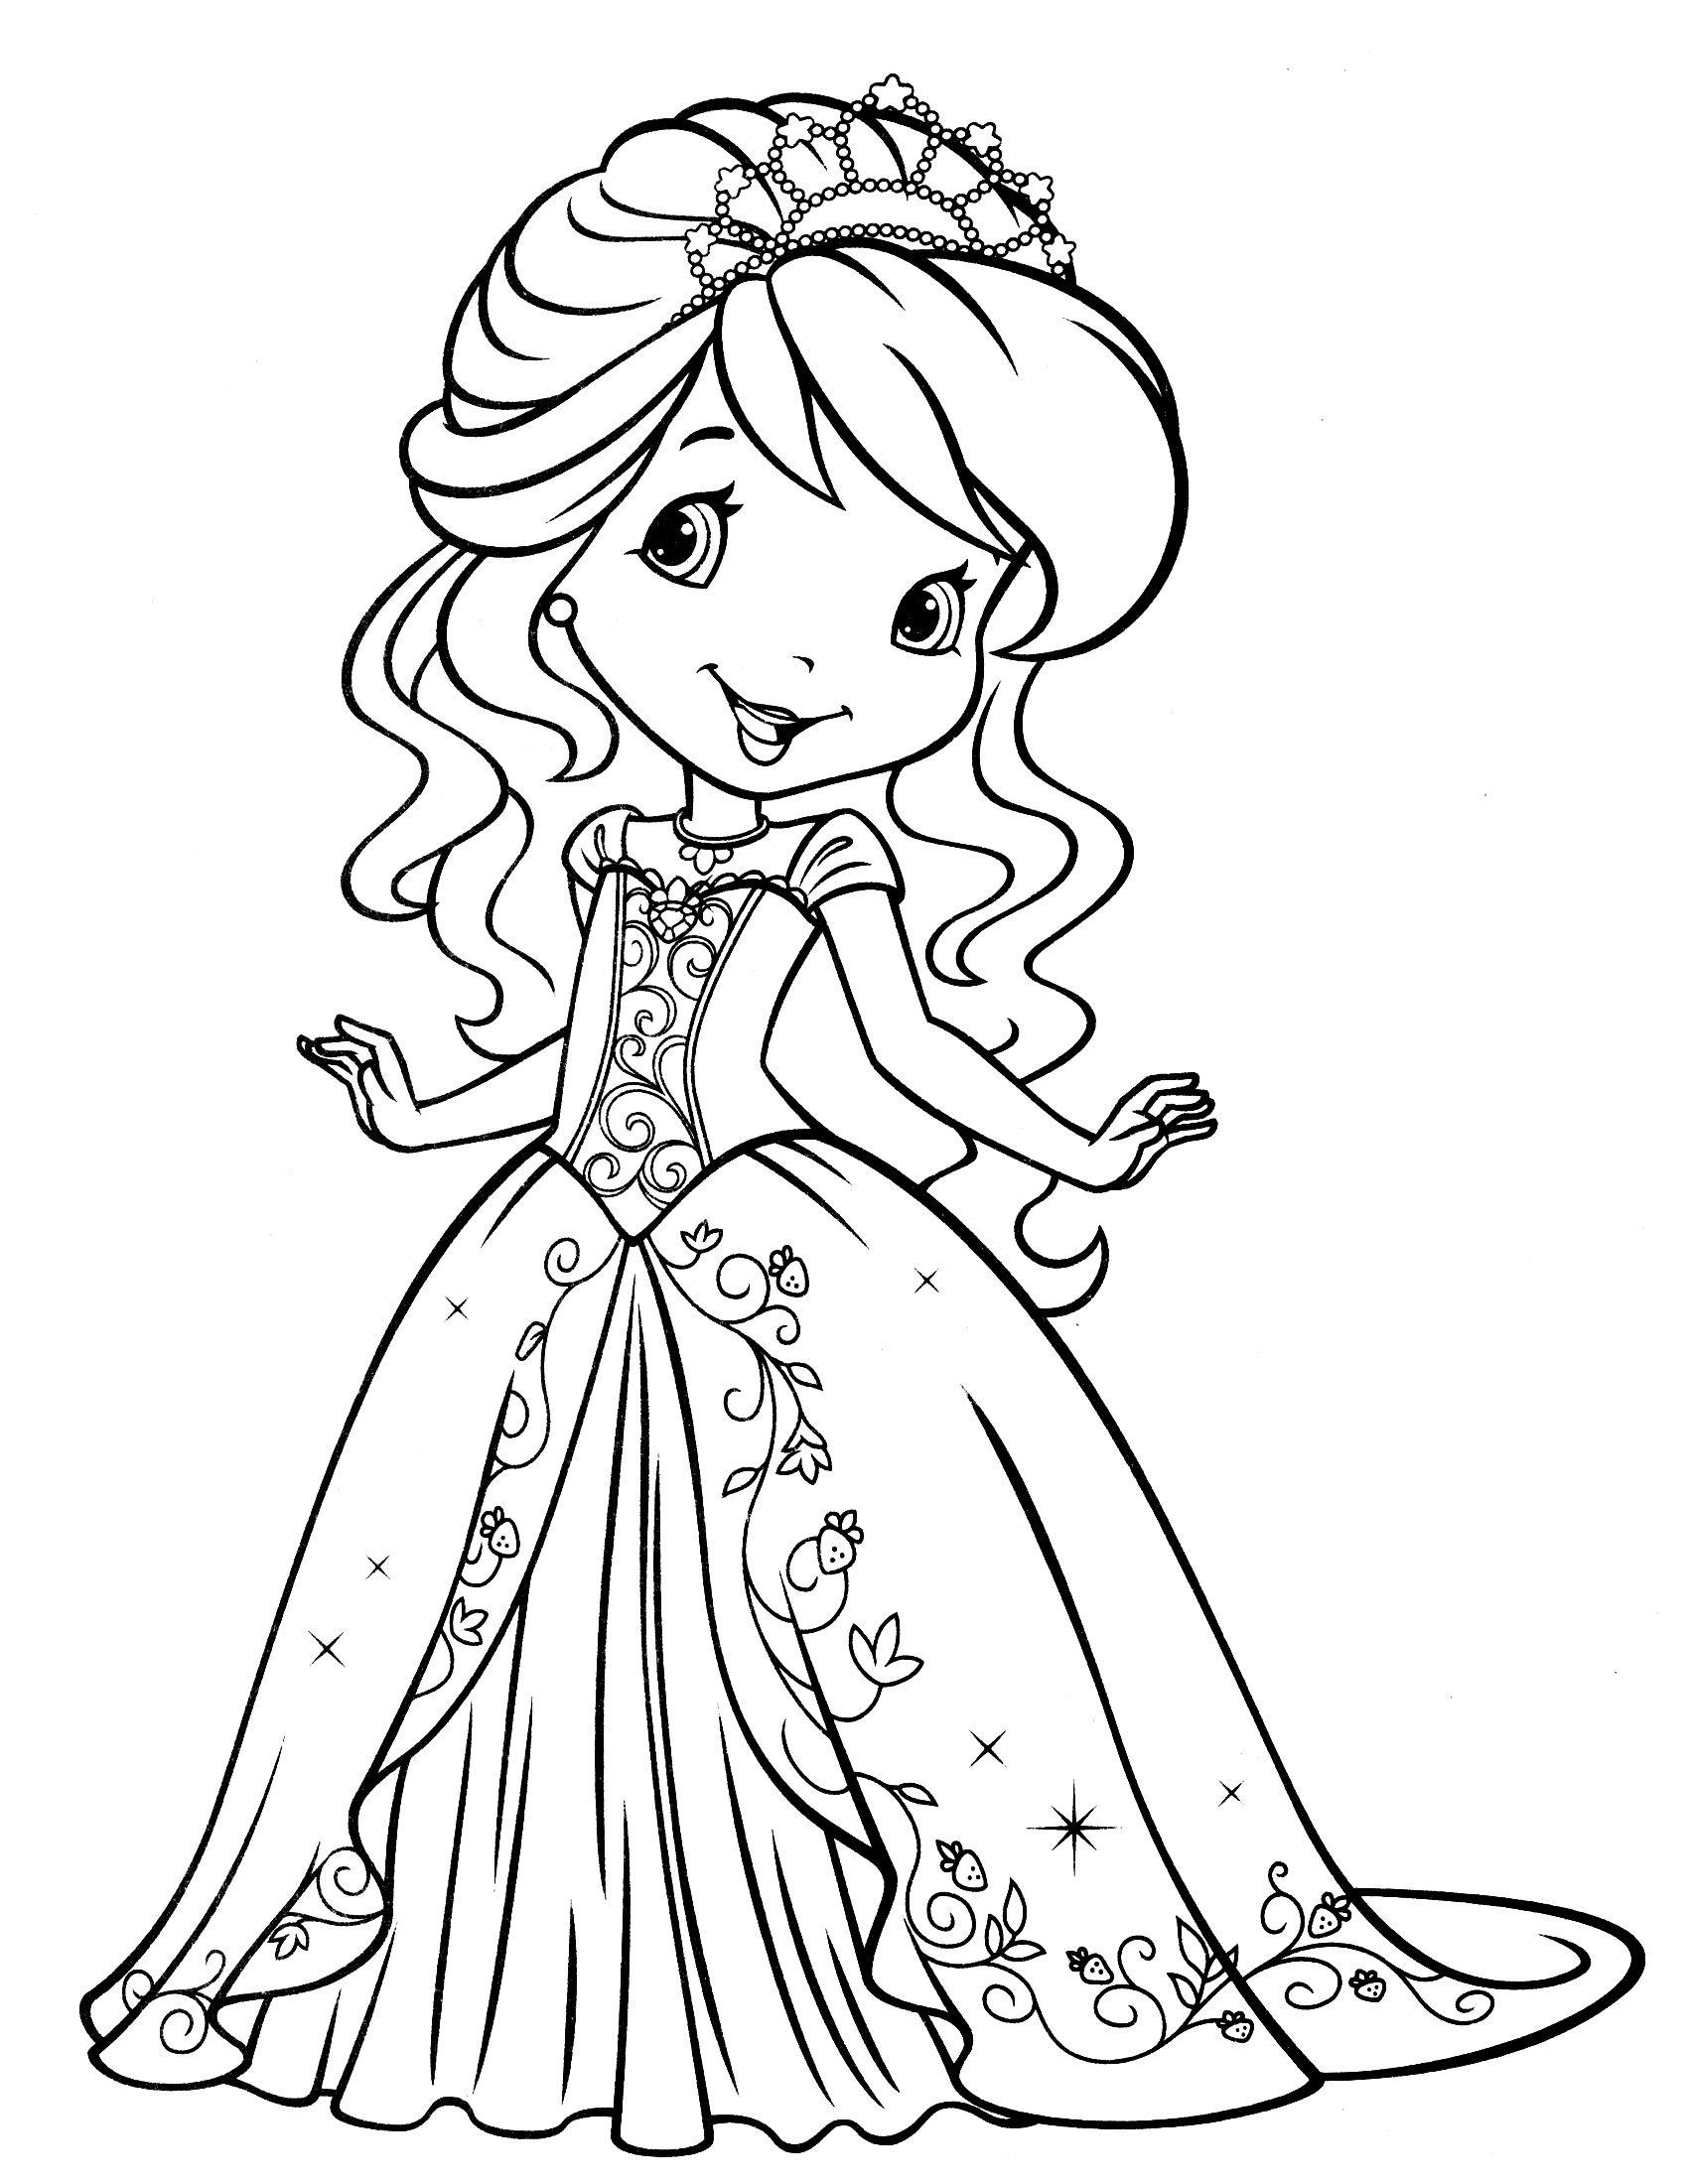 Princesa Moranguinho Desenho Moranguinho Desenhos Pra Colorir